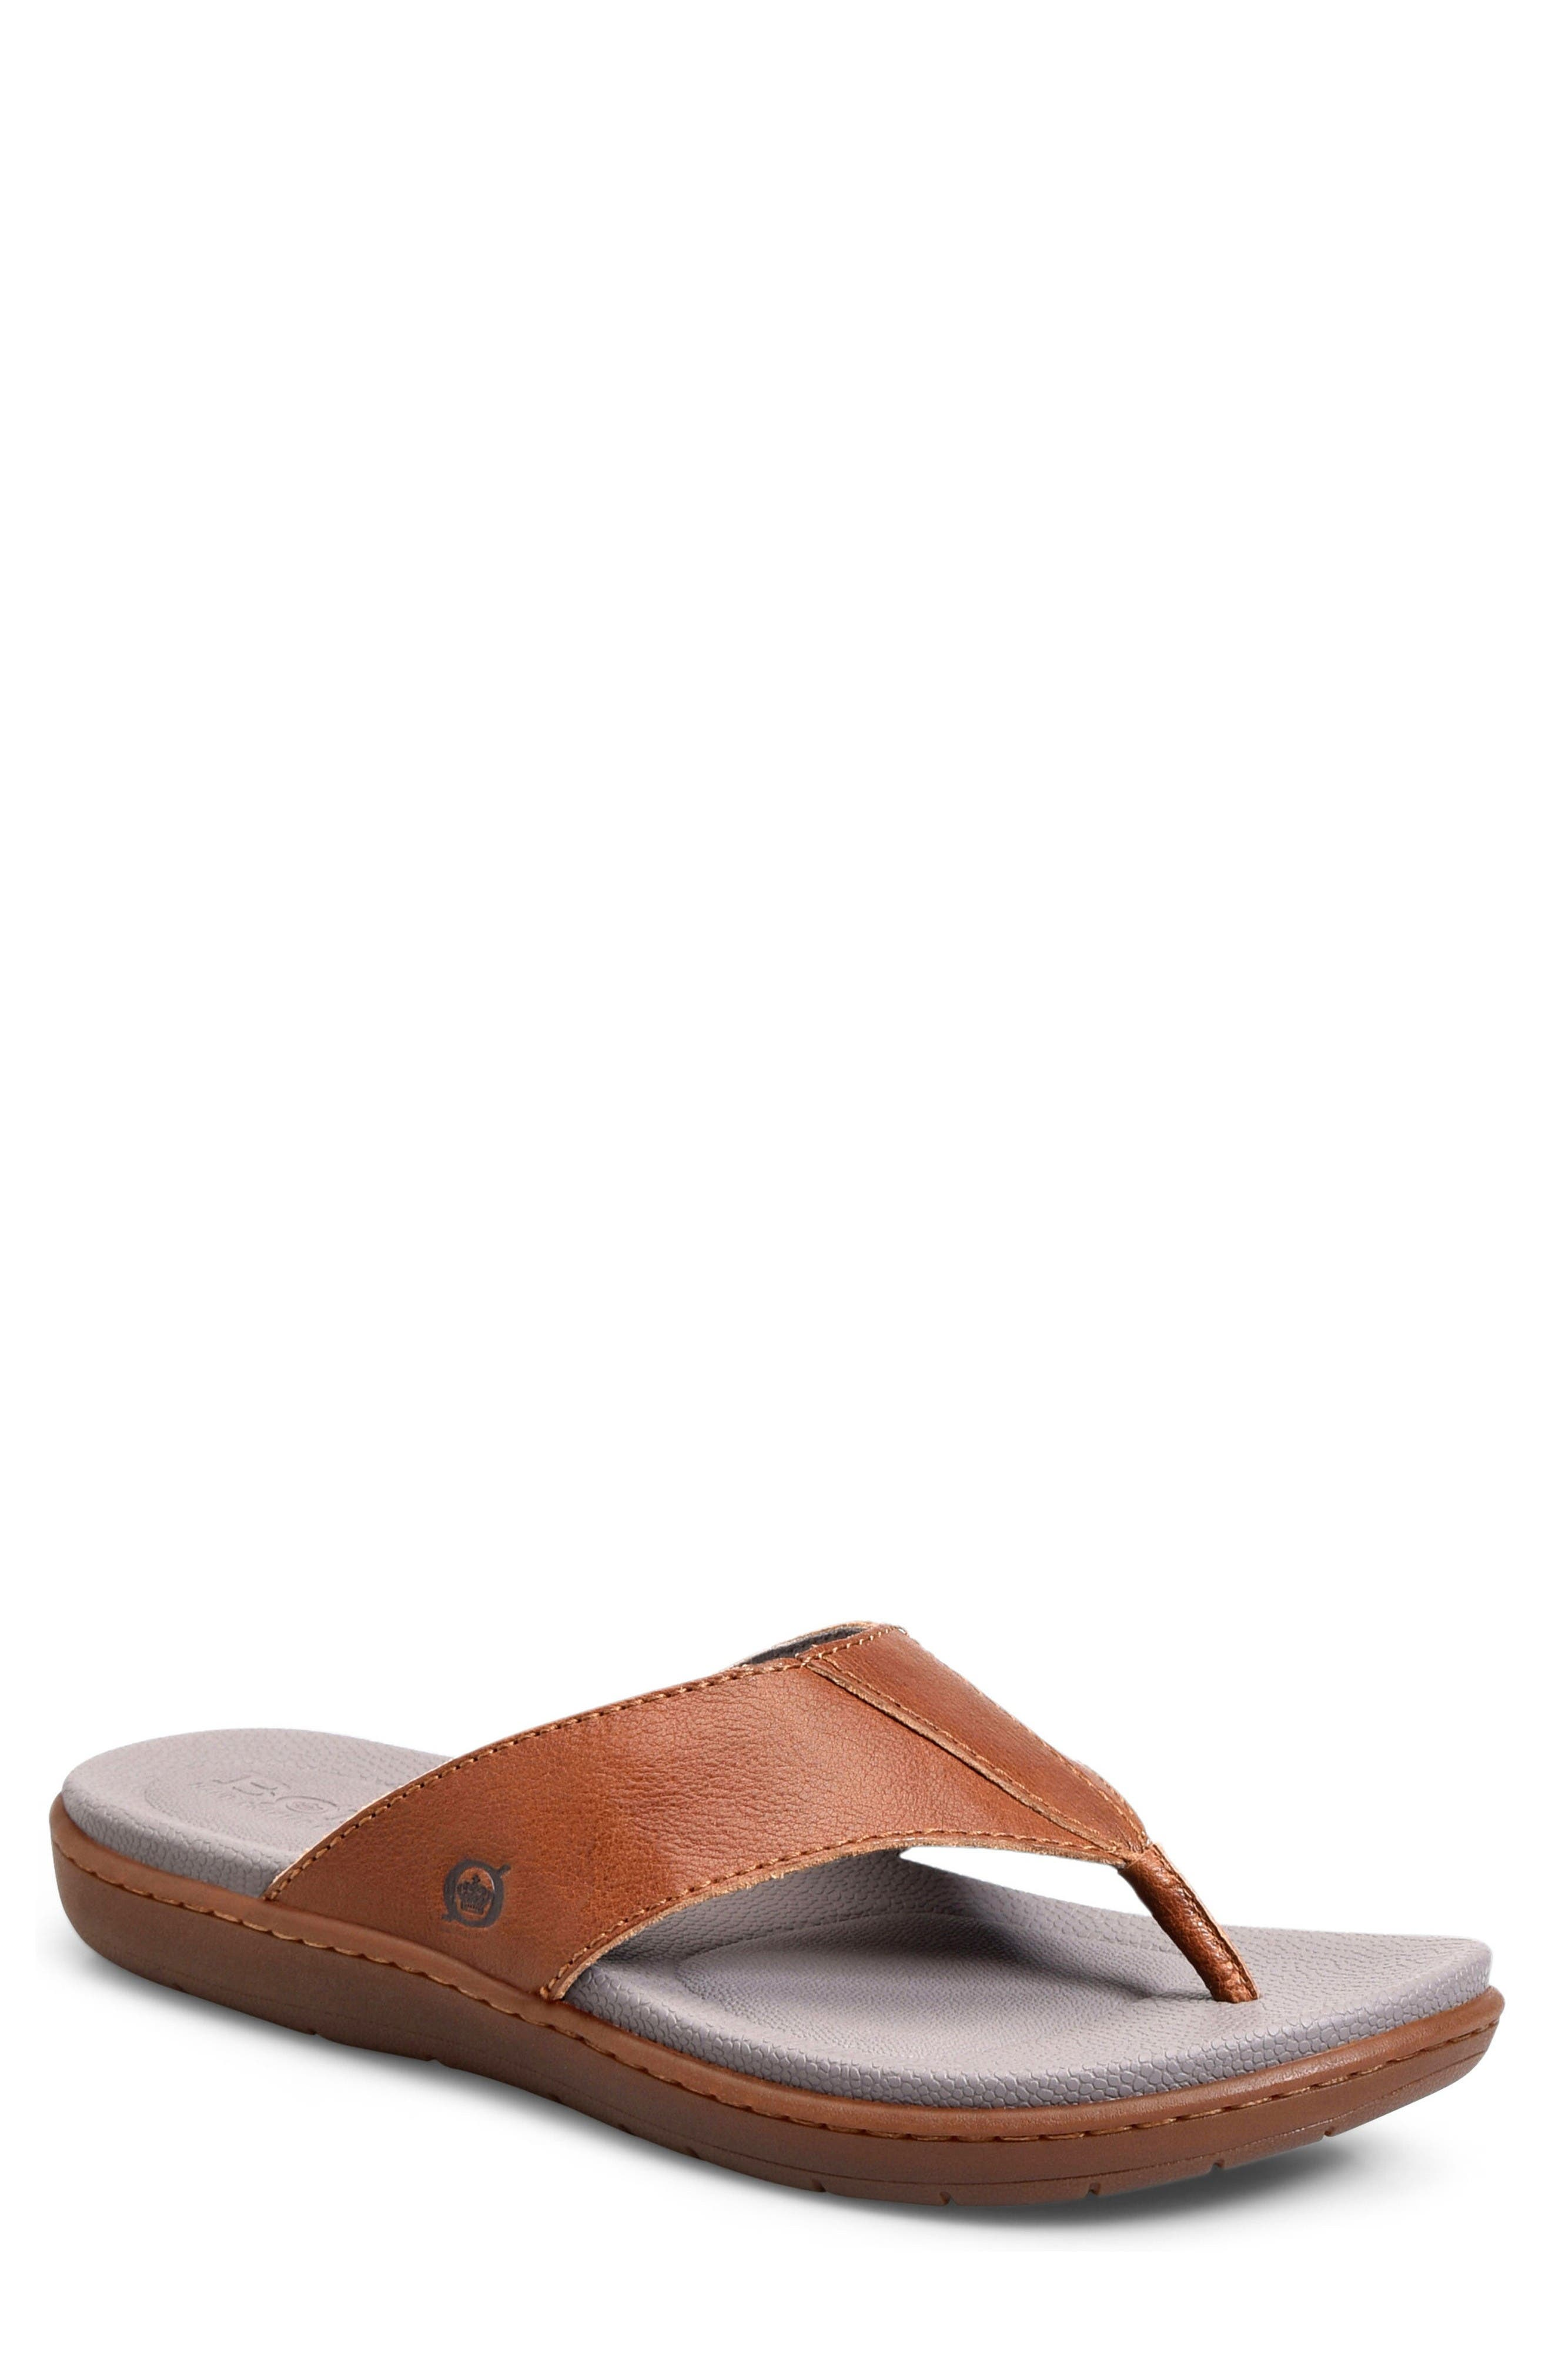 Cedro Flip Flop,                         Main,                         color, Brown